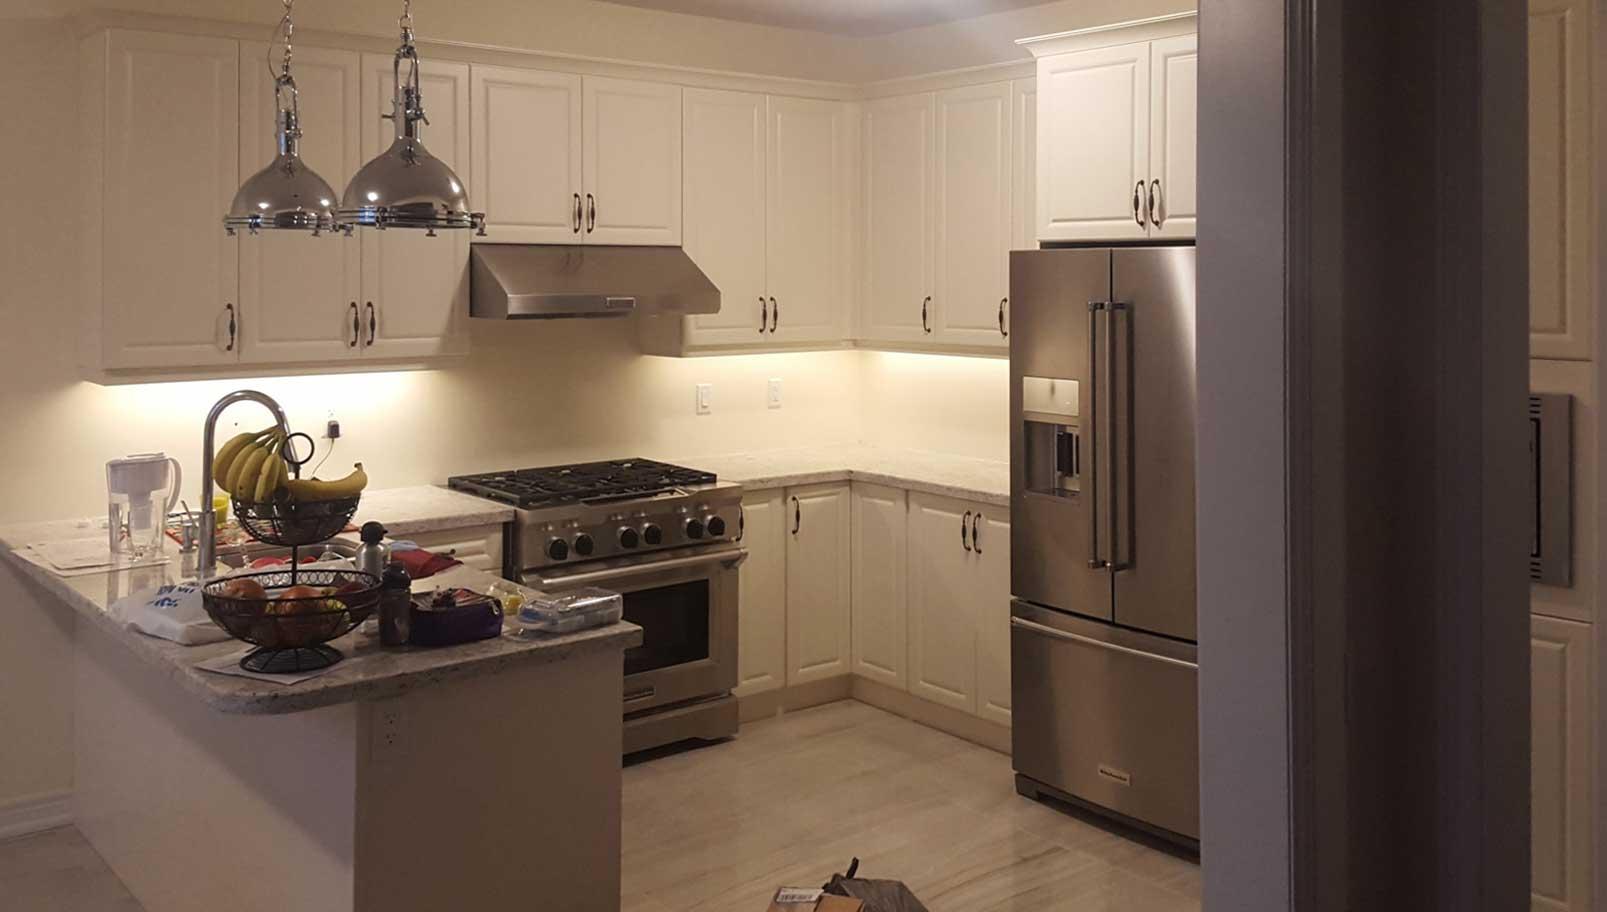 Modern kitchen lighting design cabinets